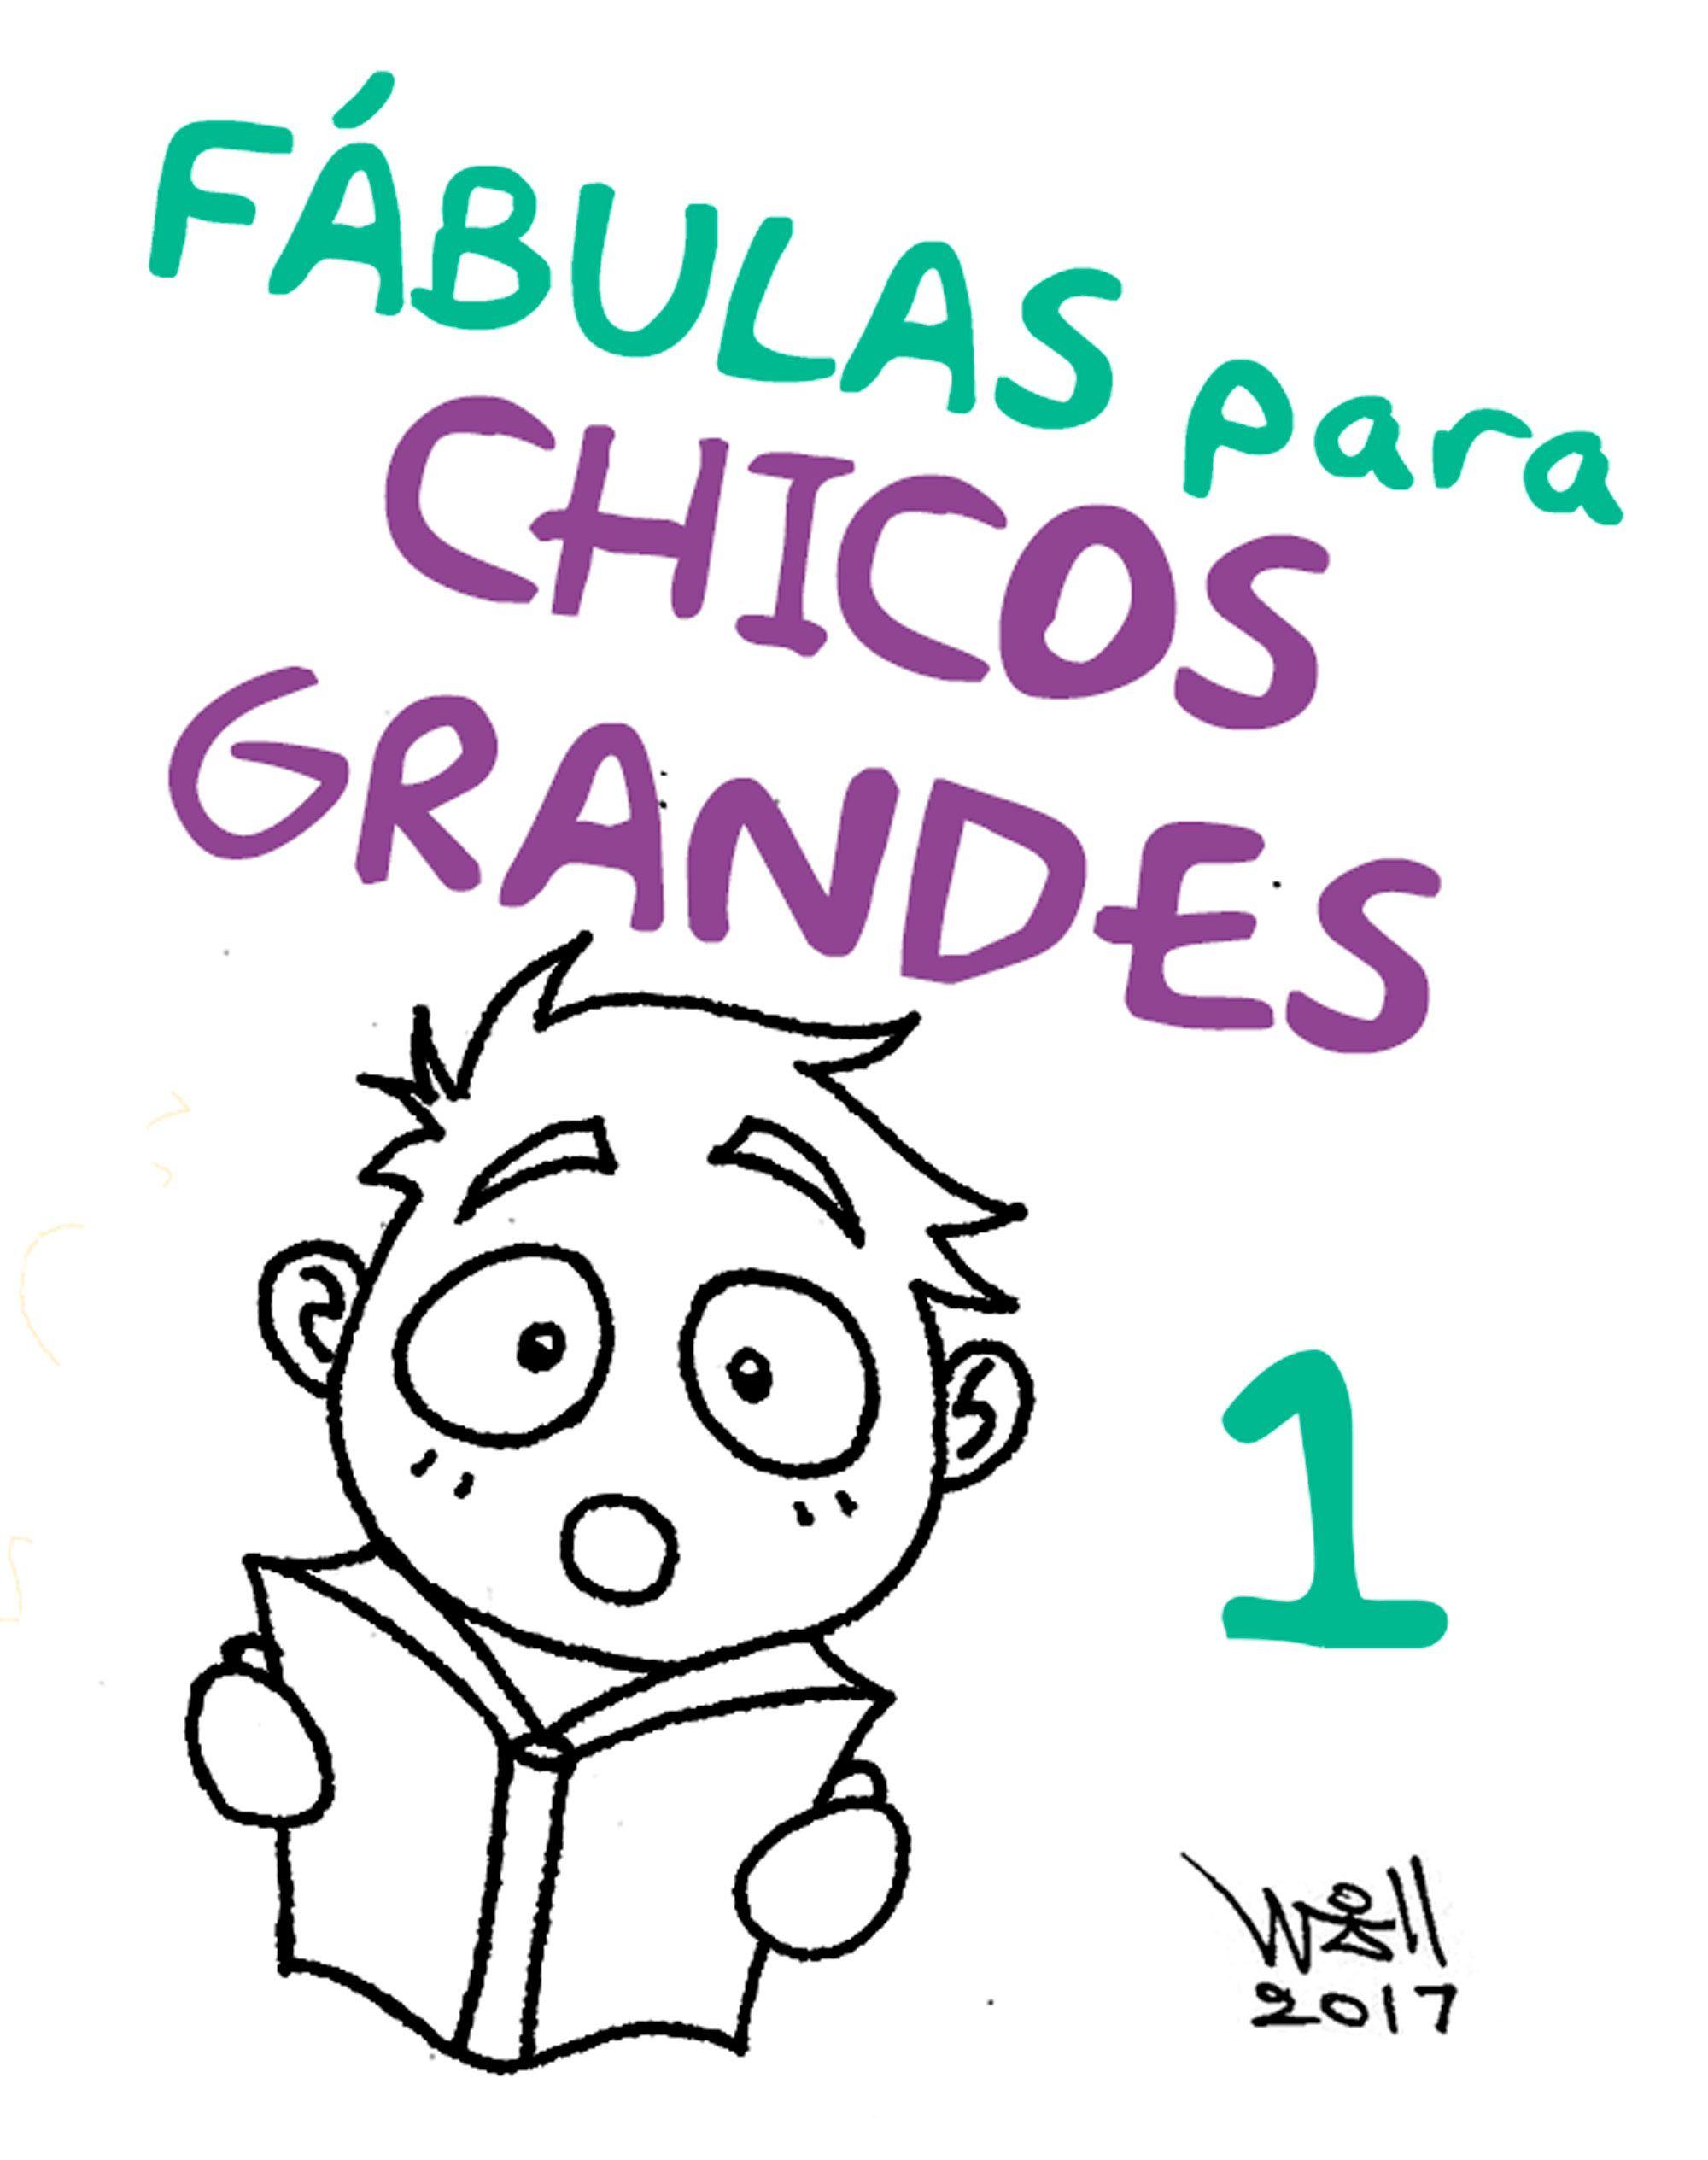 ¡Publique mi primer librillo en Amazon! E16d4f33bcd1bf79ba7d0ea31f8f86a8